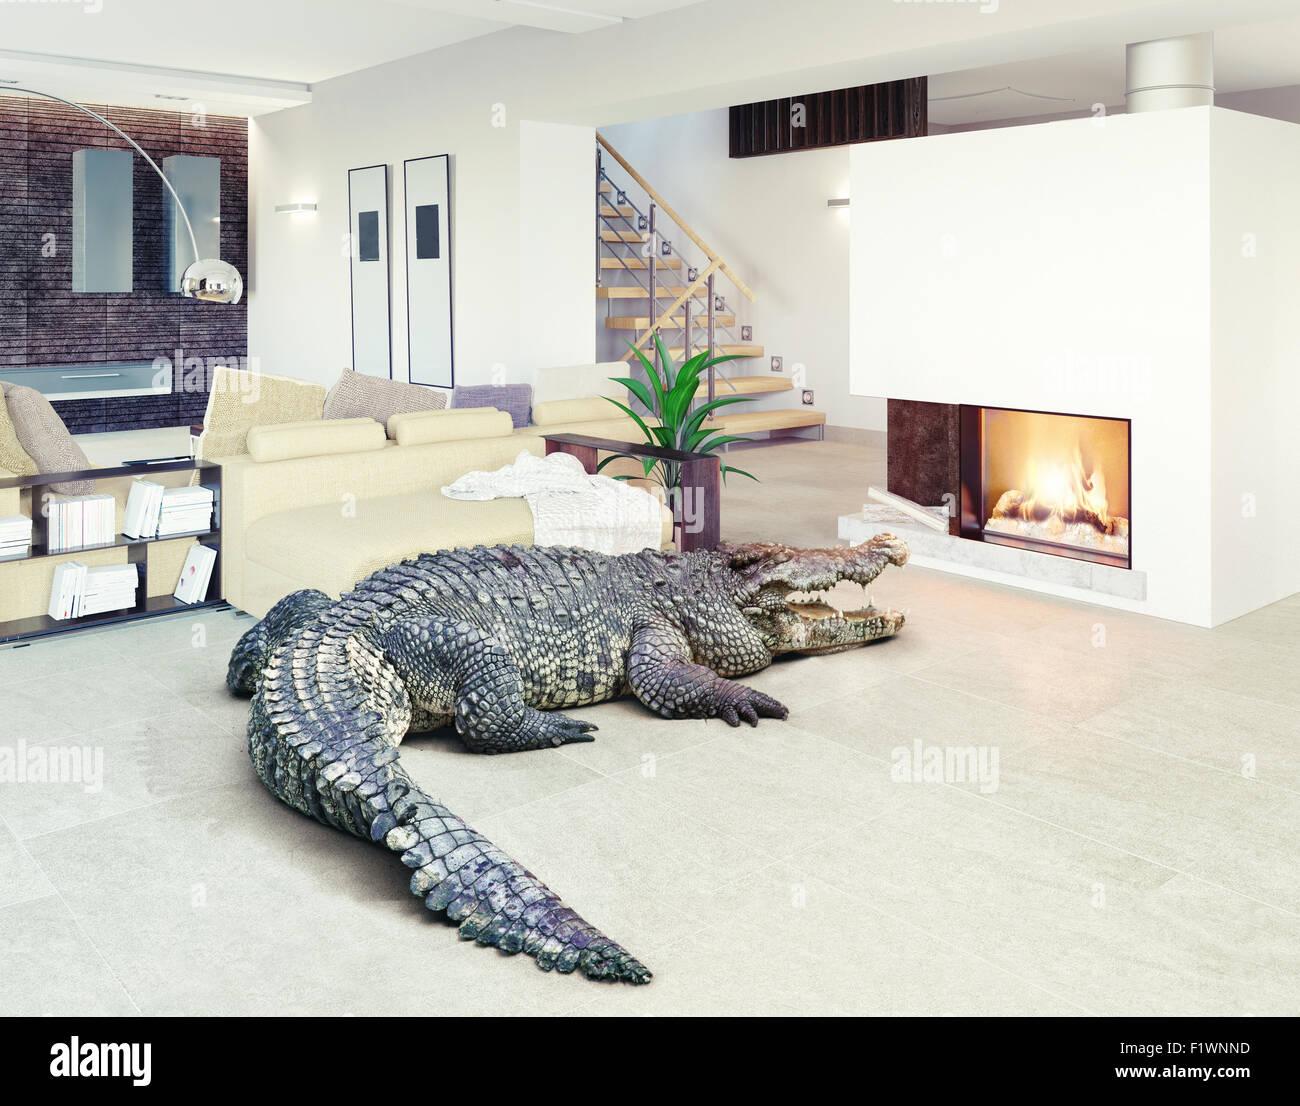 Großes Krokodil entspannen Sie sich im luxuriösen Innenraum (Kombination von Foto und cg Elemente) Stockbild